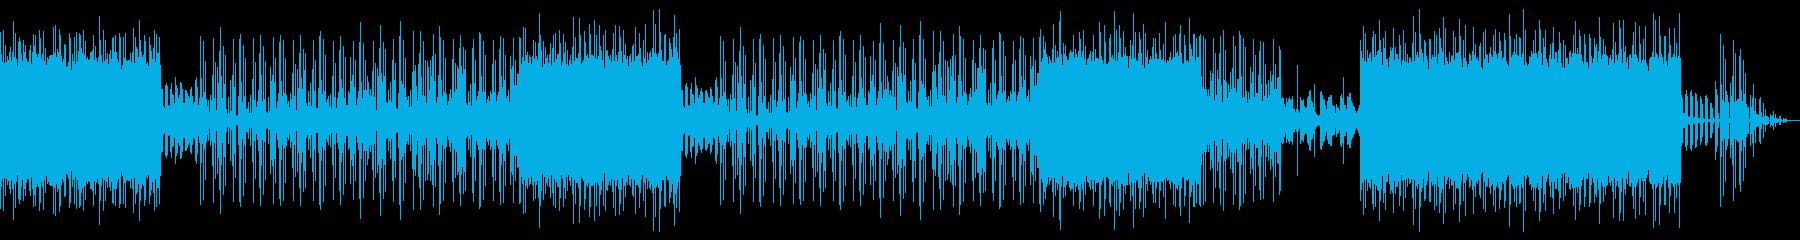 哀愁感漂うローファイヒップホップの再生済みの波形